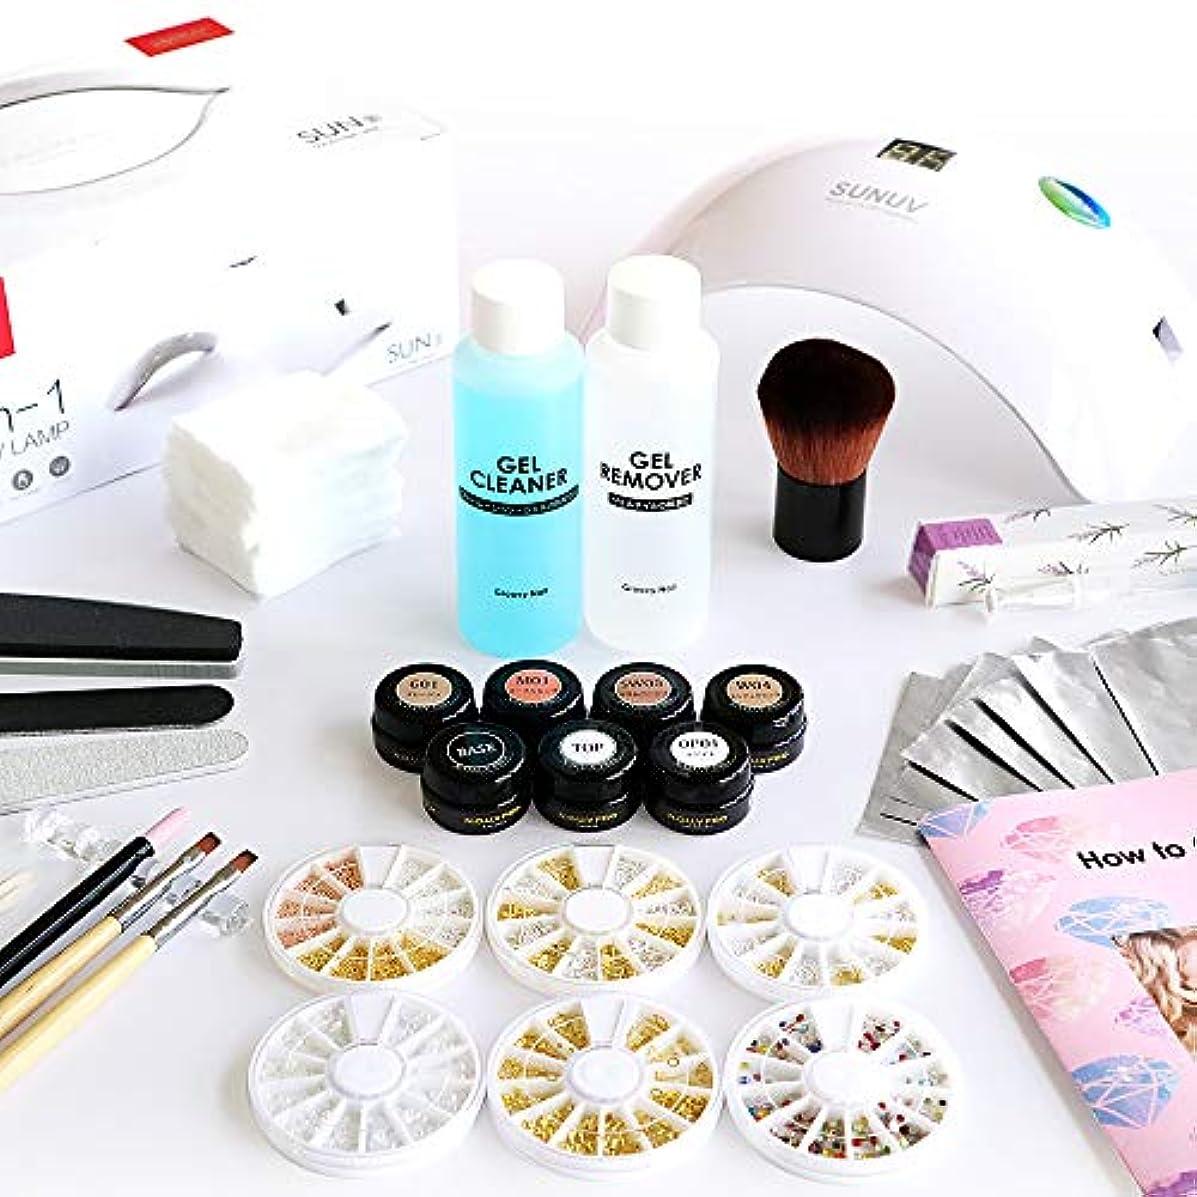 音声セッションゴミ箱を空にするジェルネイル スターターキット 日本製カラージェル6色+LEDライト48W ネイルアート 初心者におすすめ